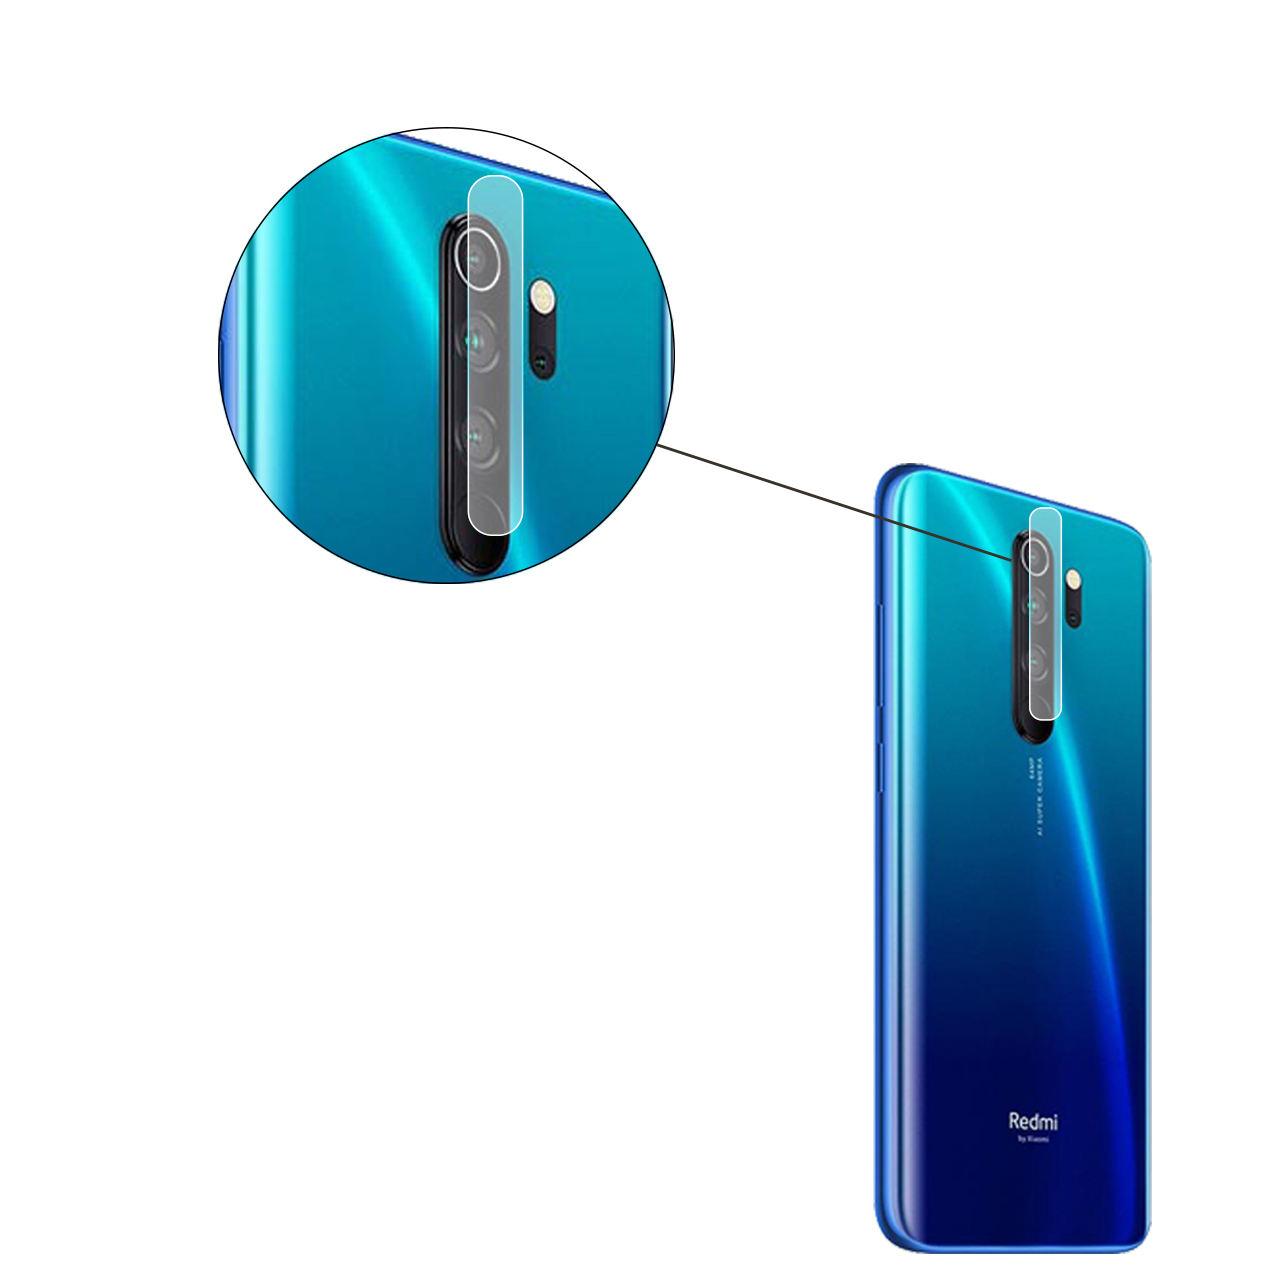 محافظ لنز دوربین مدل N01 مناسب برای گوشی موبایل شیائومی Redmi note8 pro main 1 1